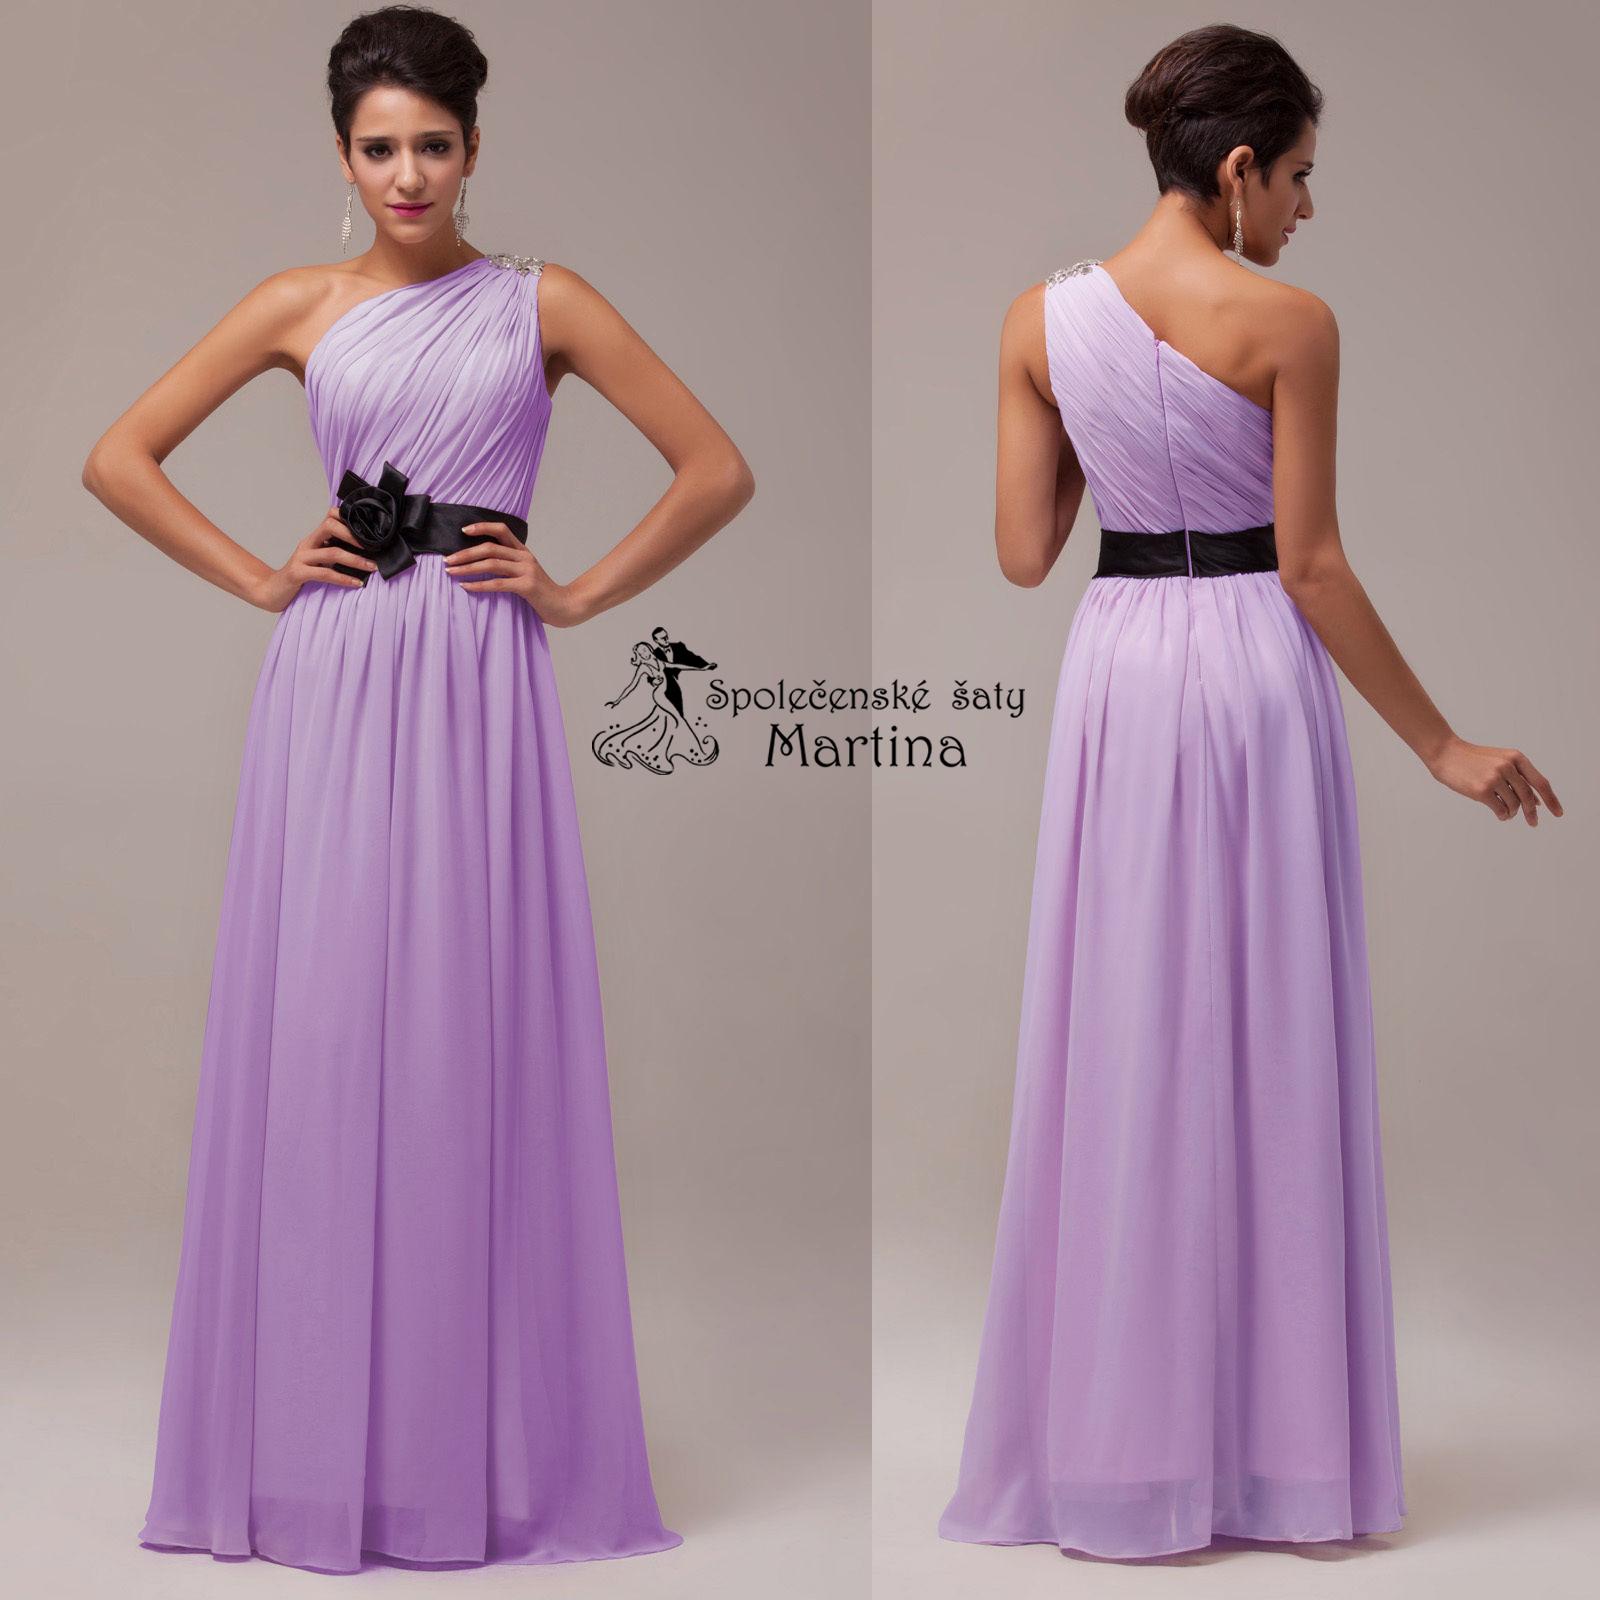 bd4e431b9 Marlie - vel. 38 | Společenské šaty Martina